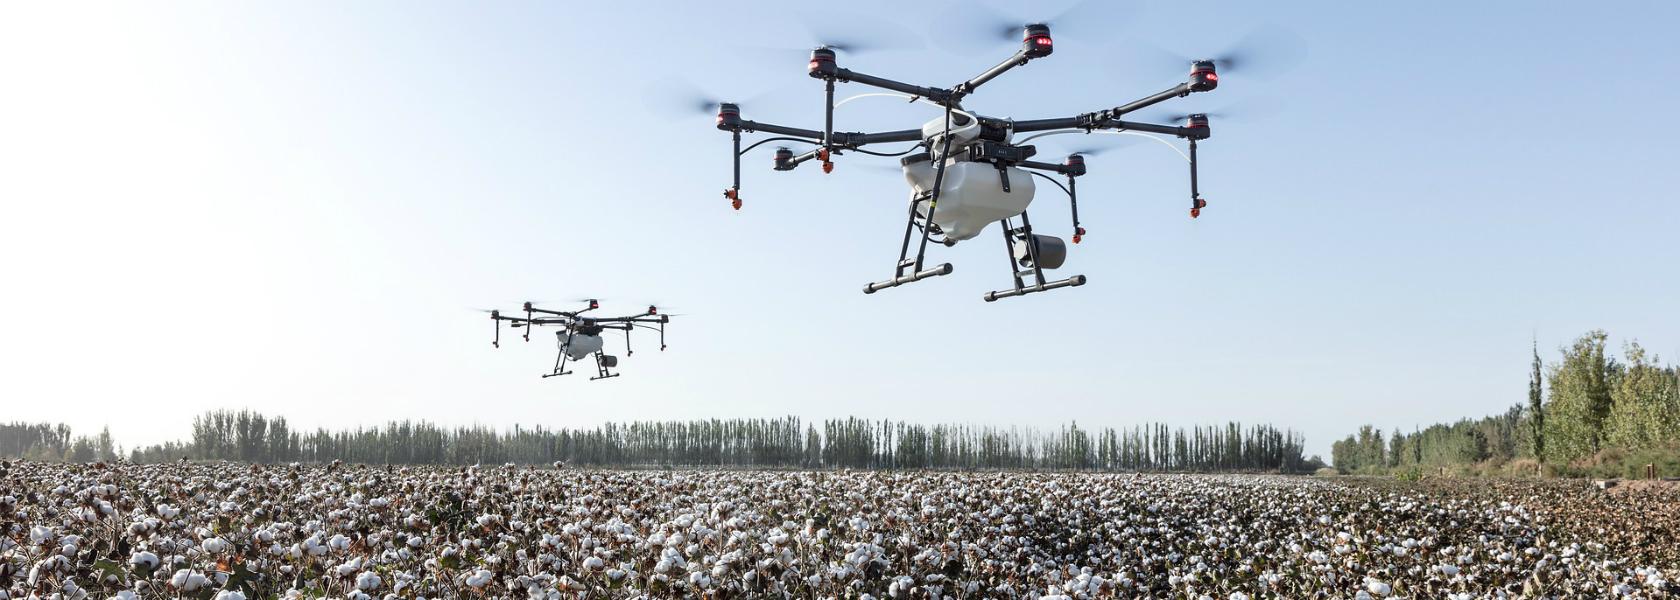 inovação para agricultura